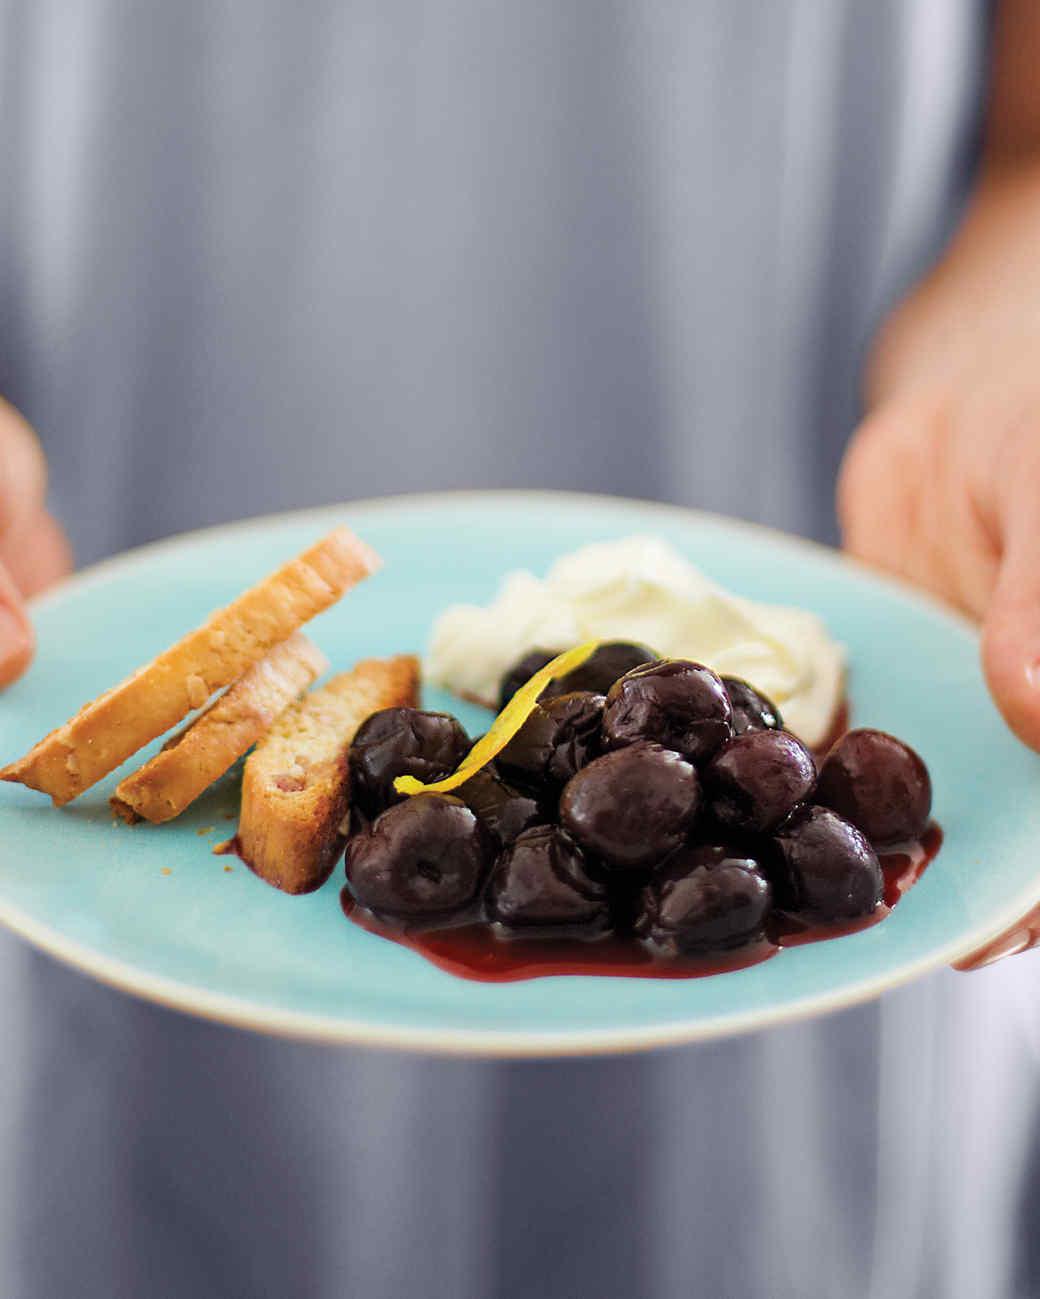 drunken-cherries-with-mascarpone-cream-116-d107417-0615.jpg